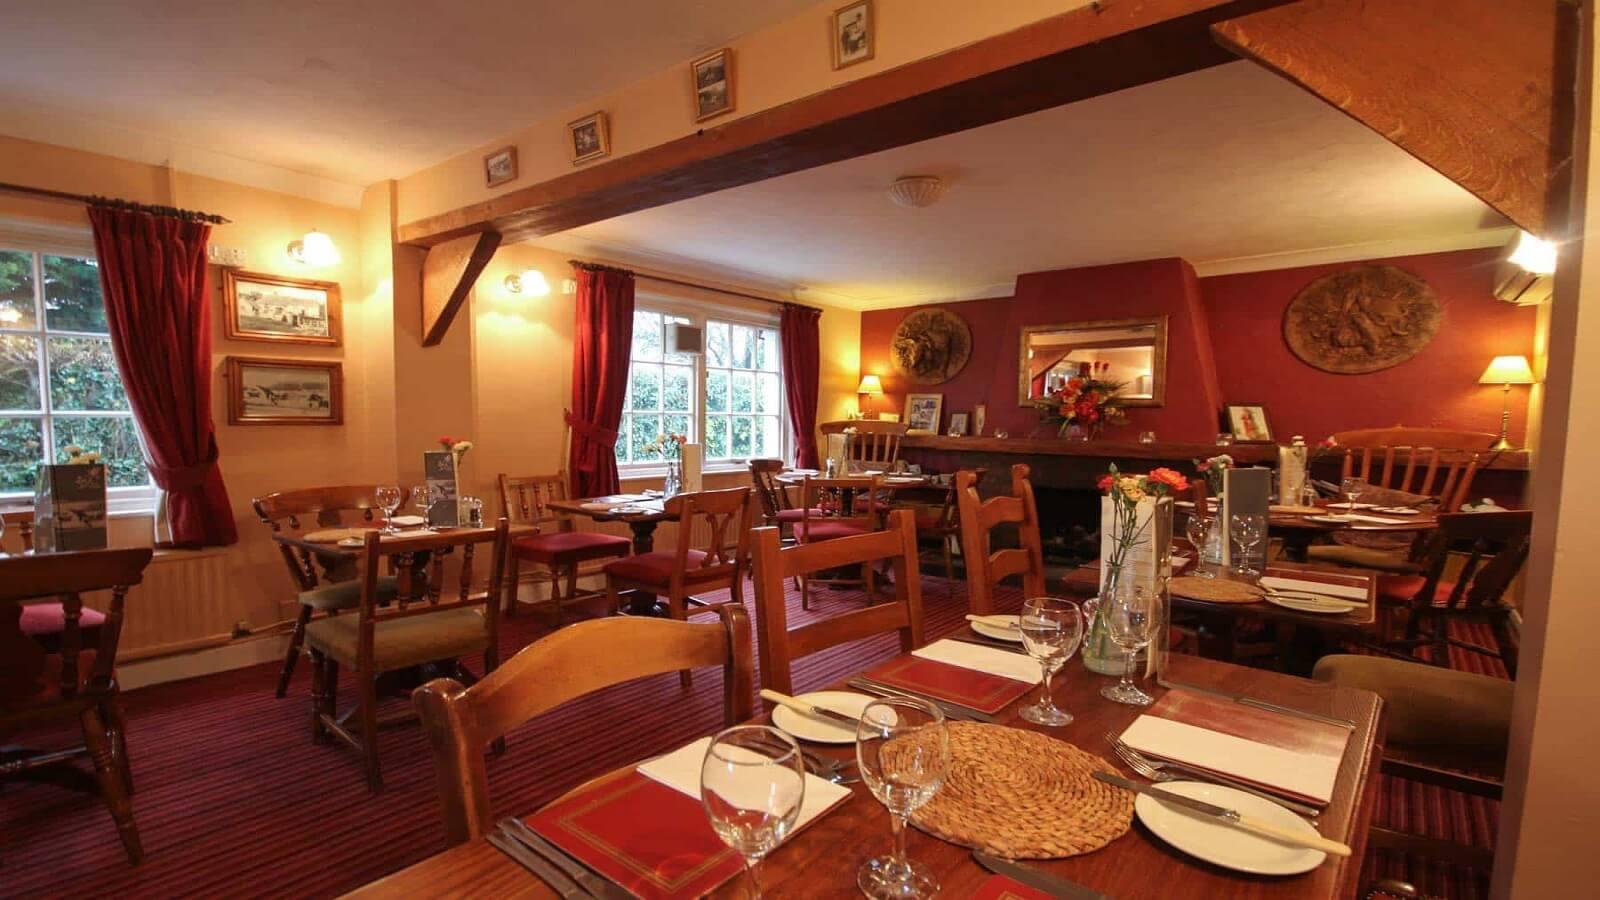 The Rose Cottage Inn